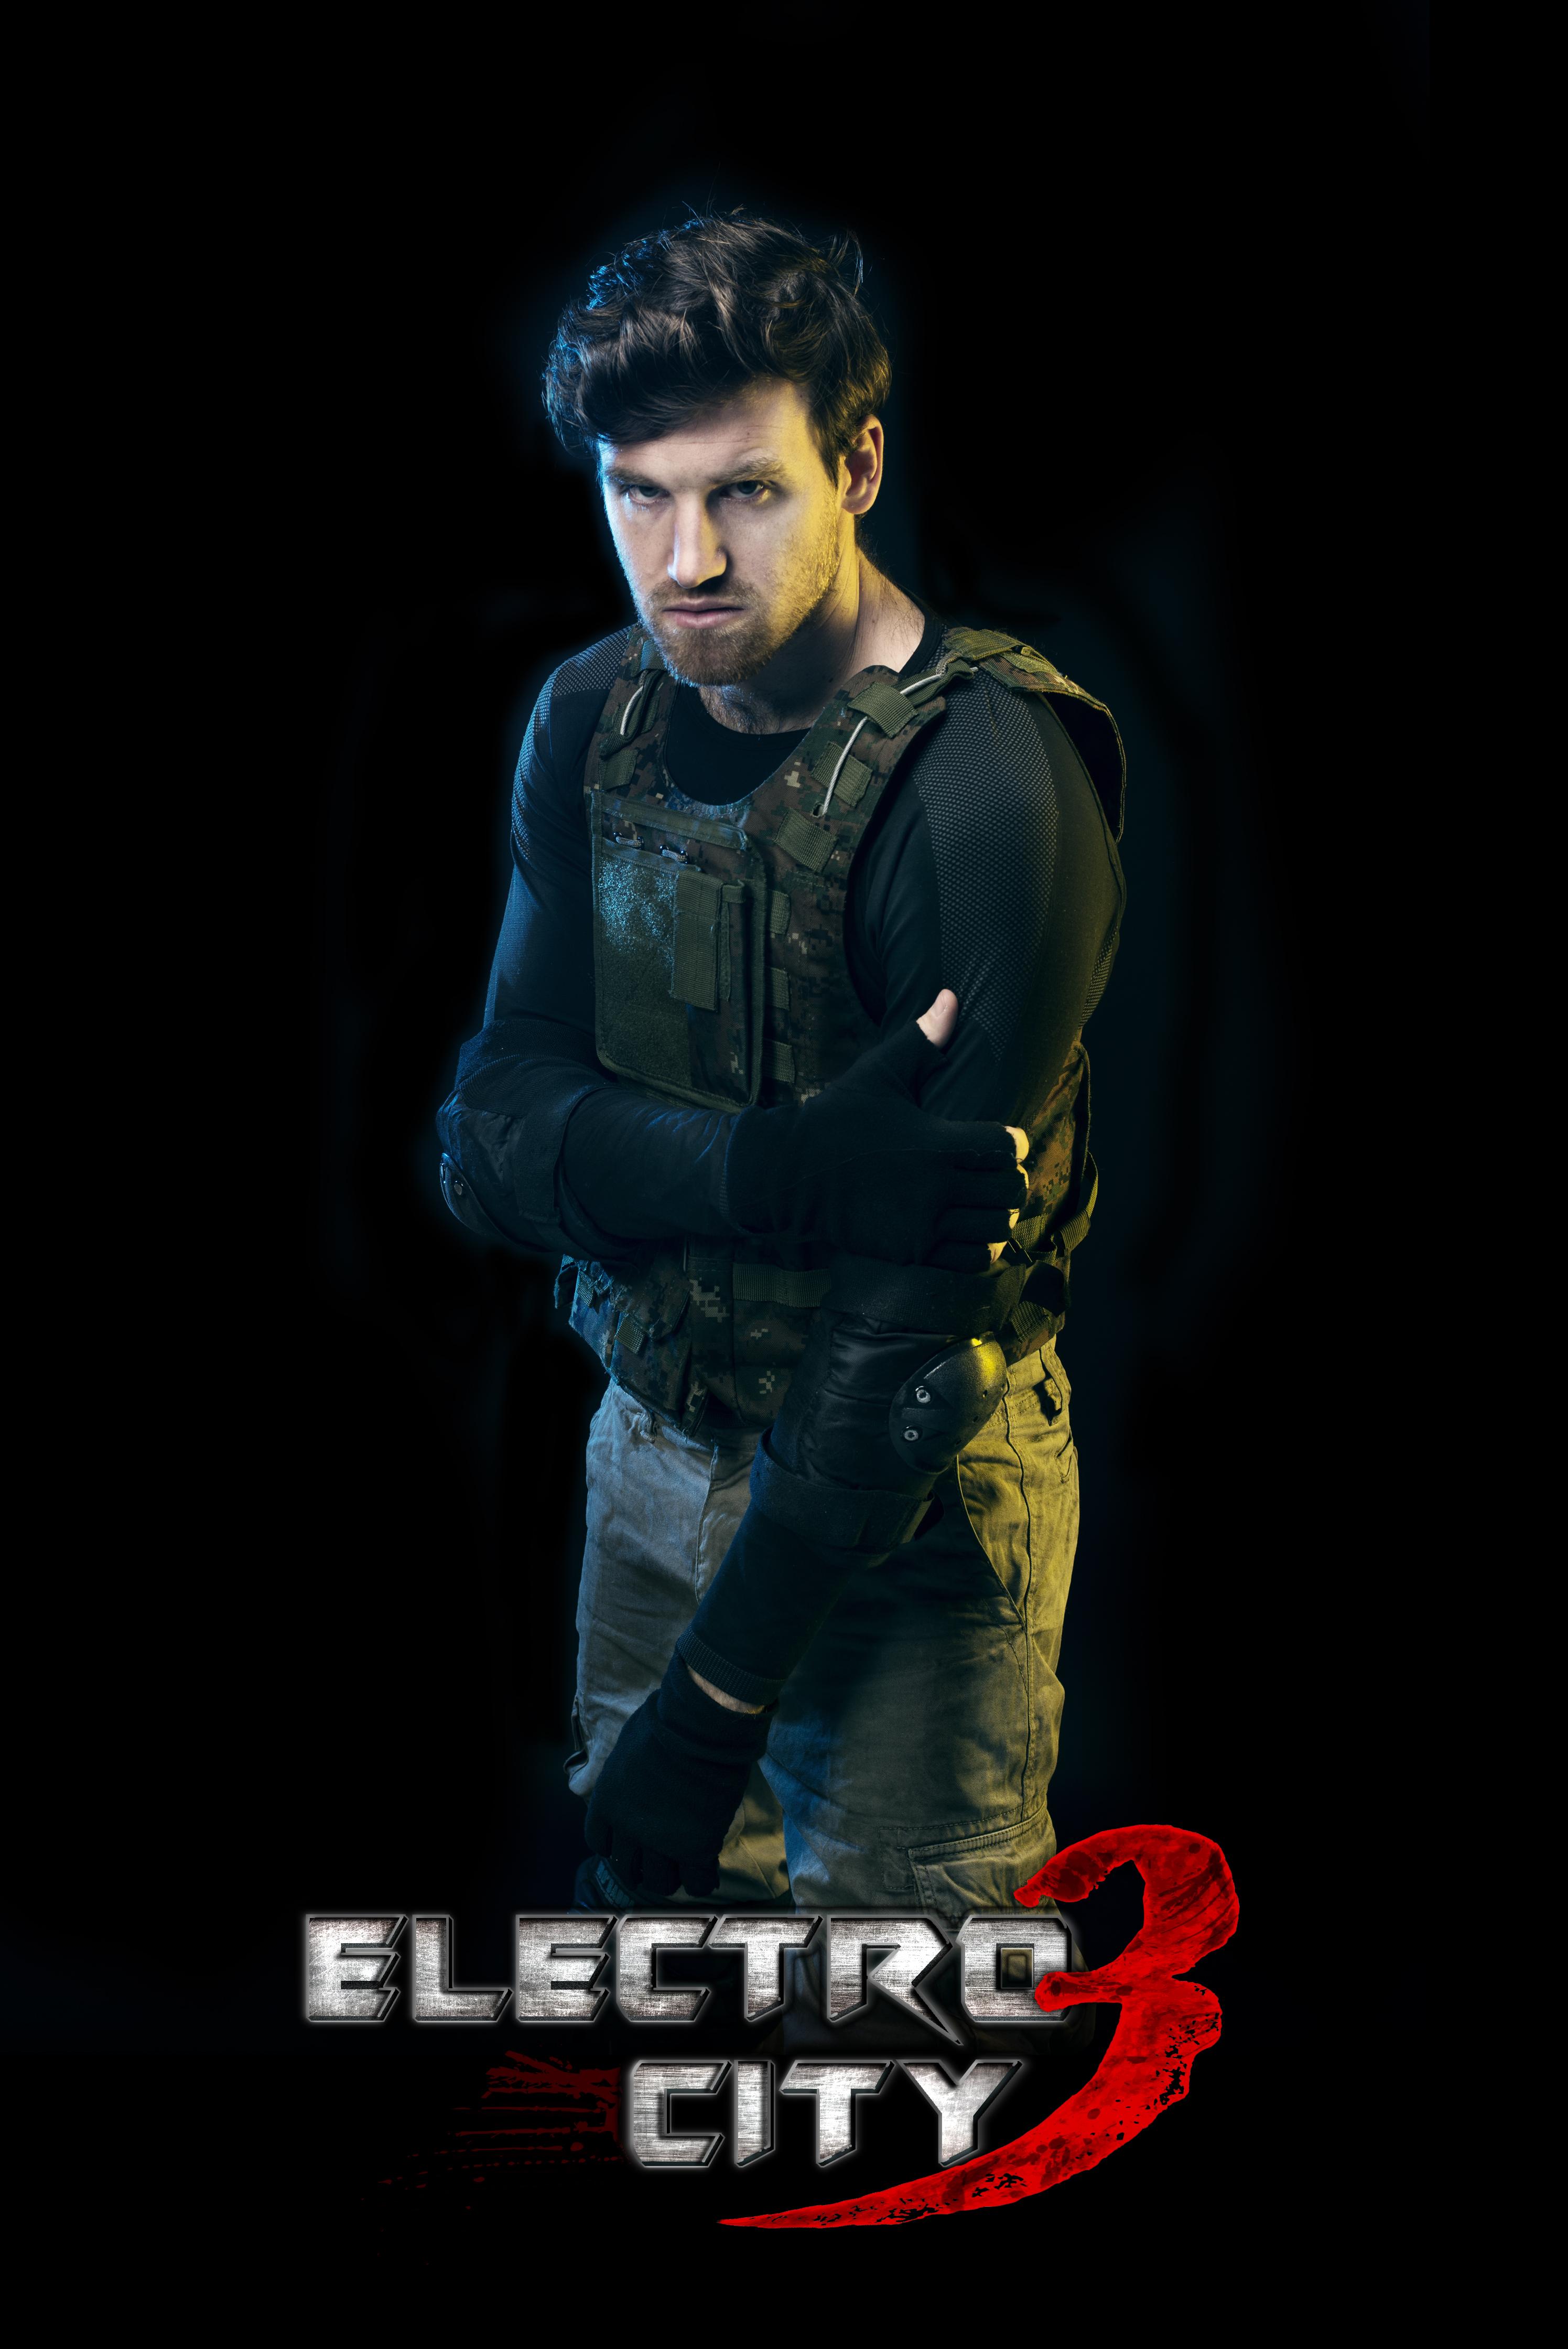 Electro City 3 - Eric